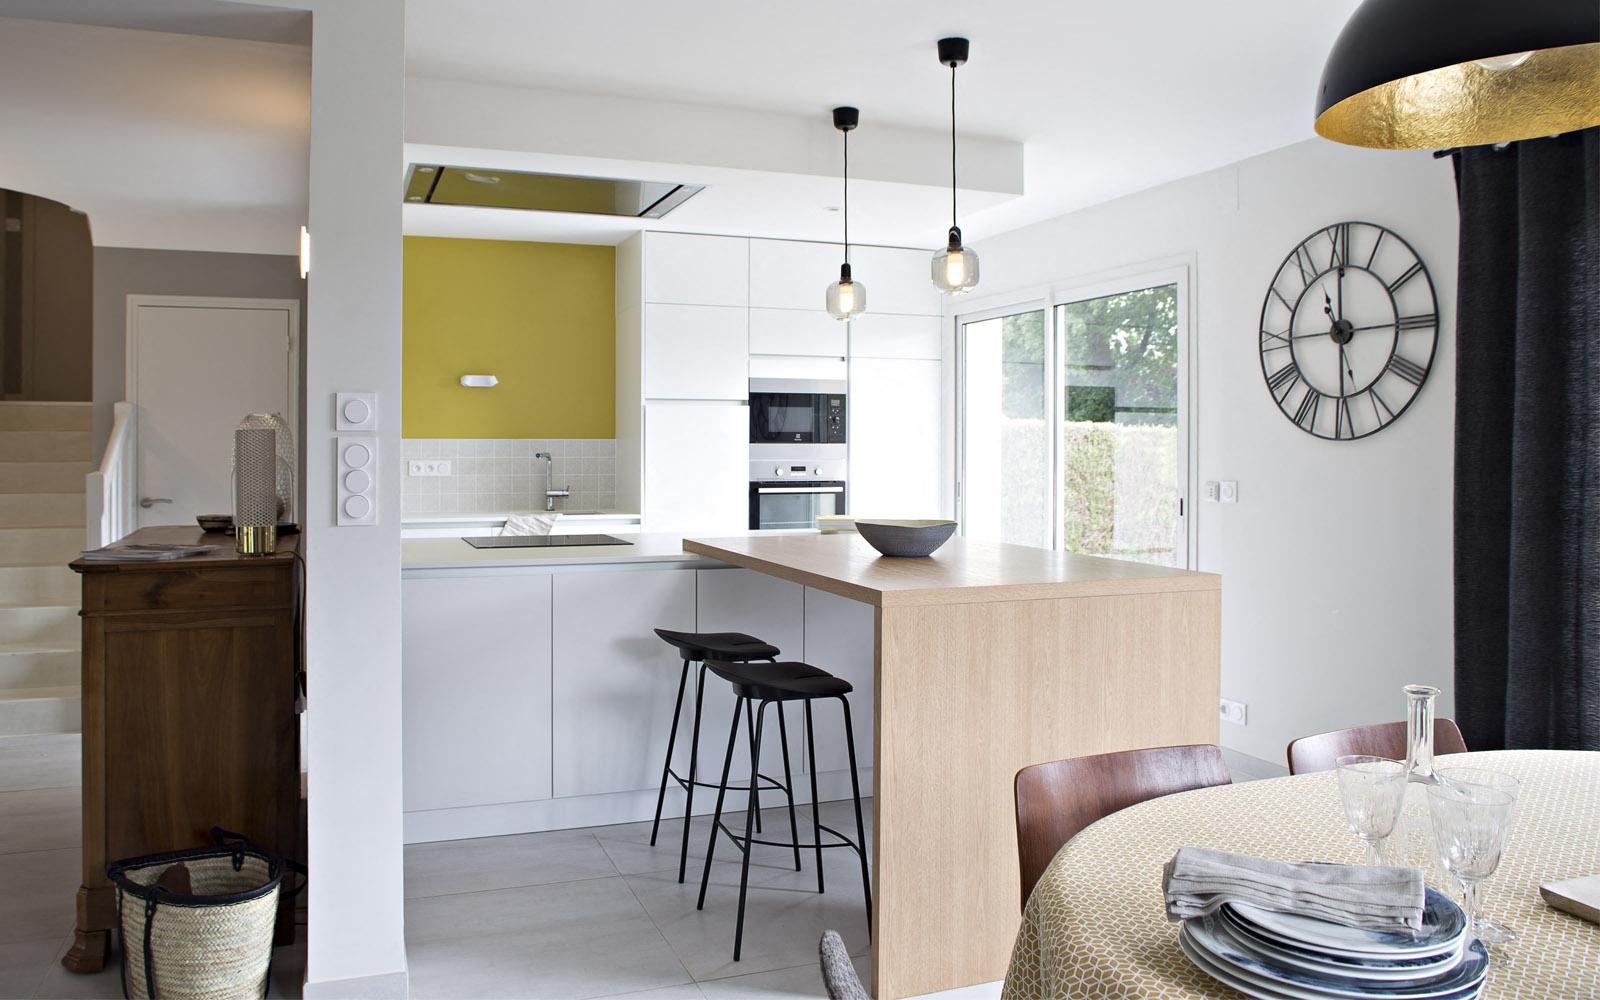 d coration d 39 une maison contemporaine saint gr goire gw naelle hoyet d coratrice d. Black Bedroom Furniture Sets. Home Design Ideas